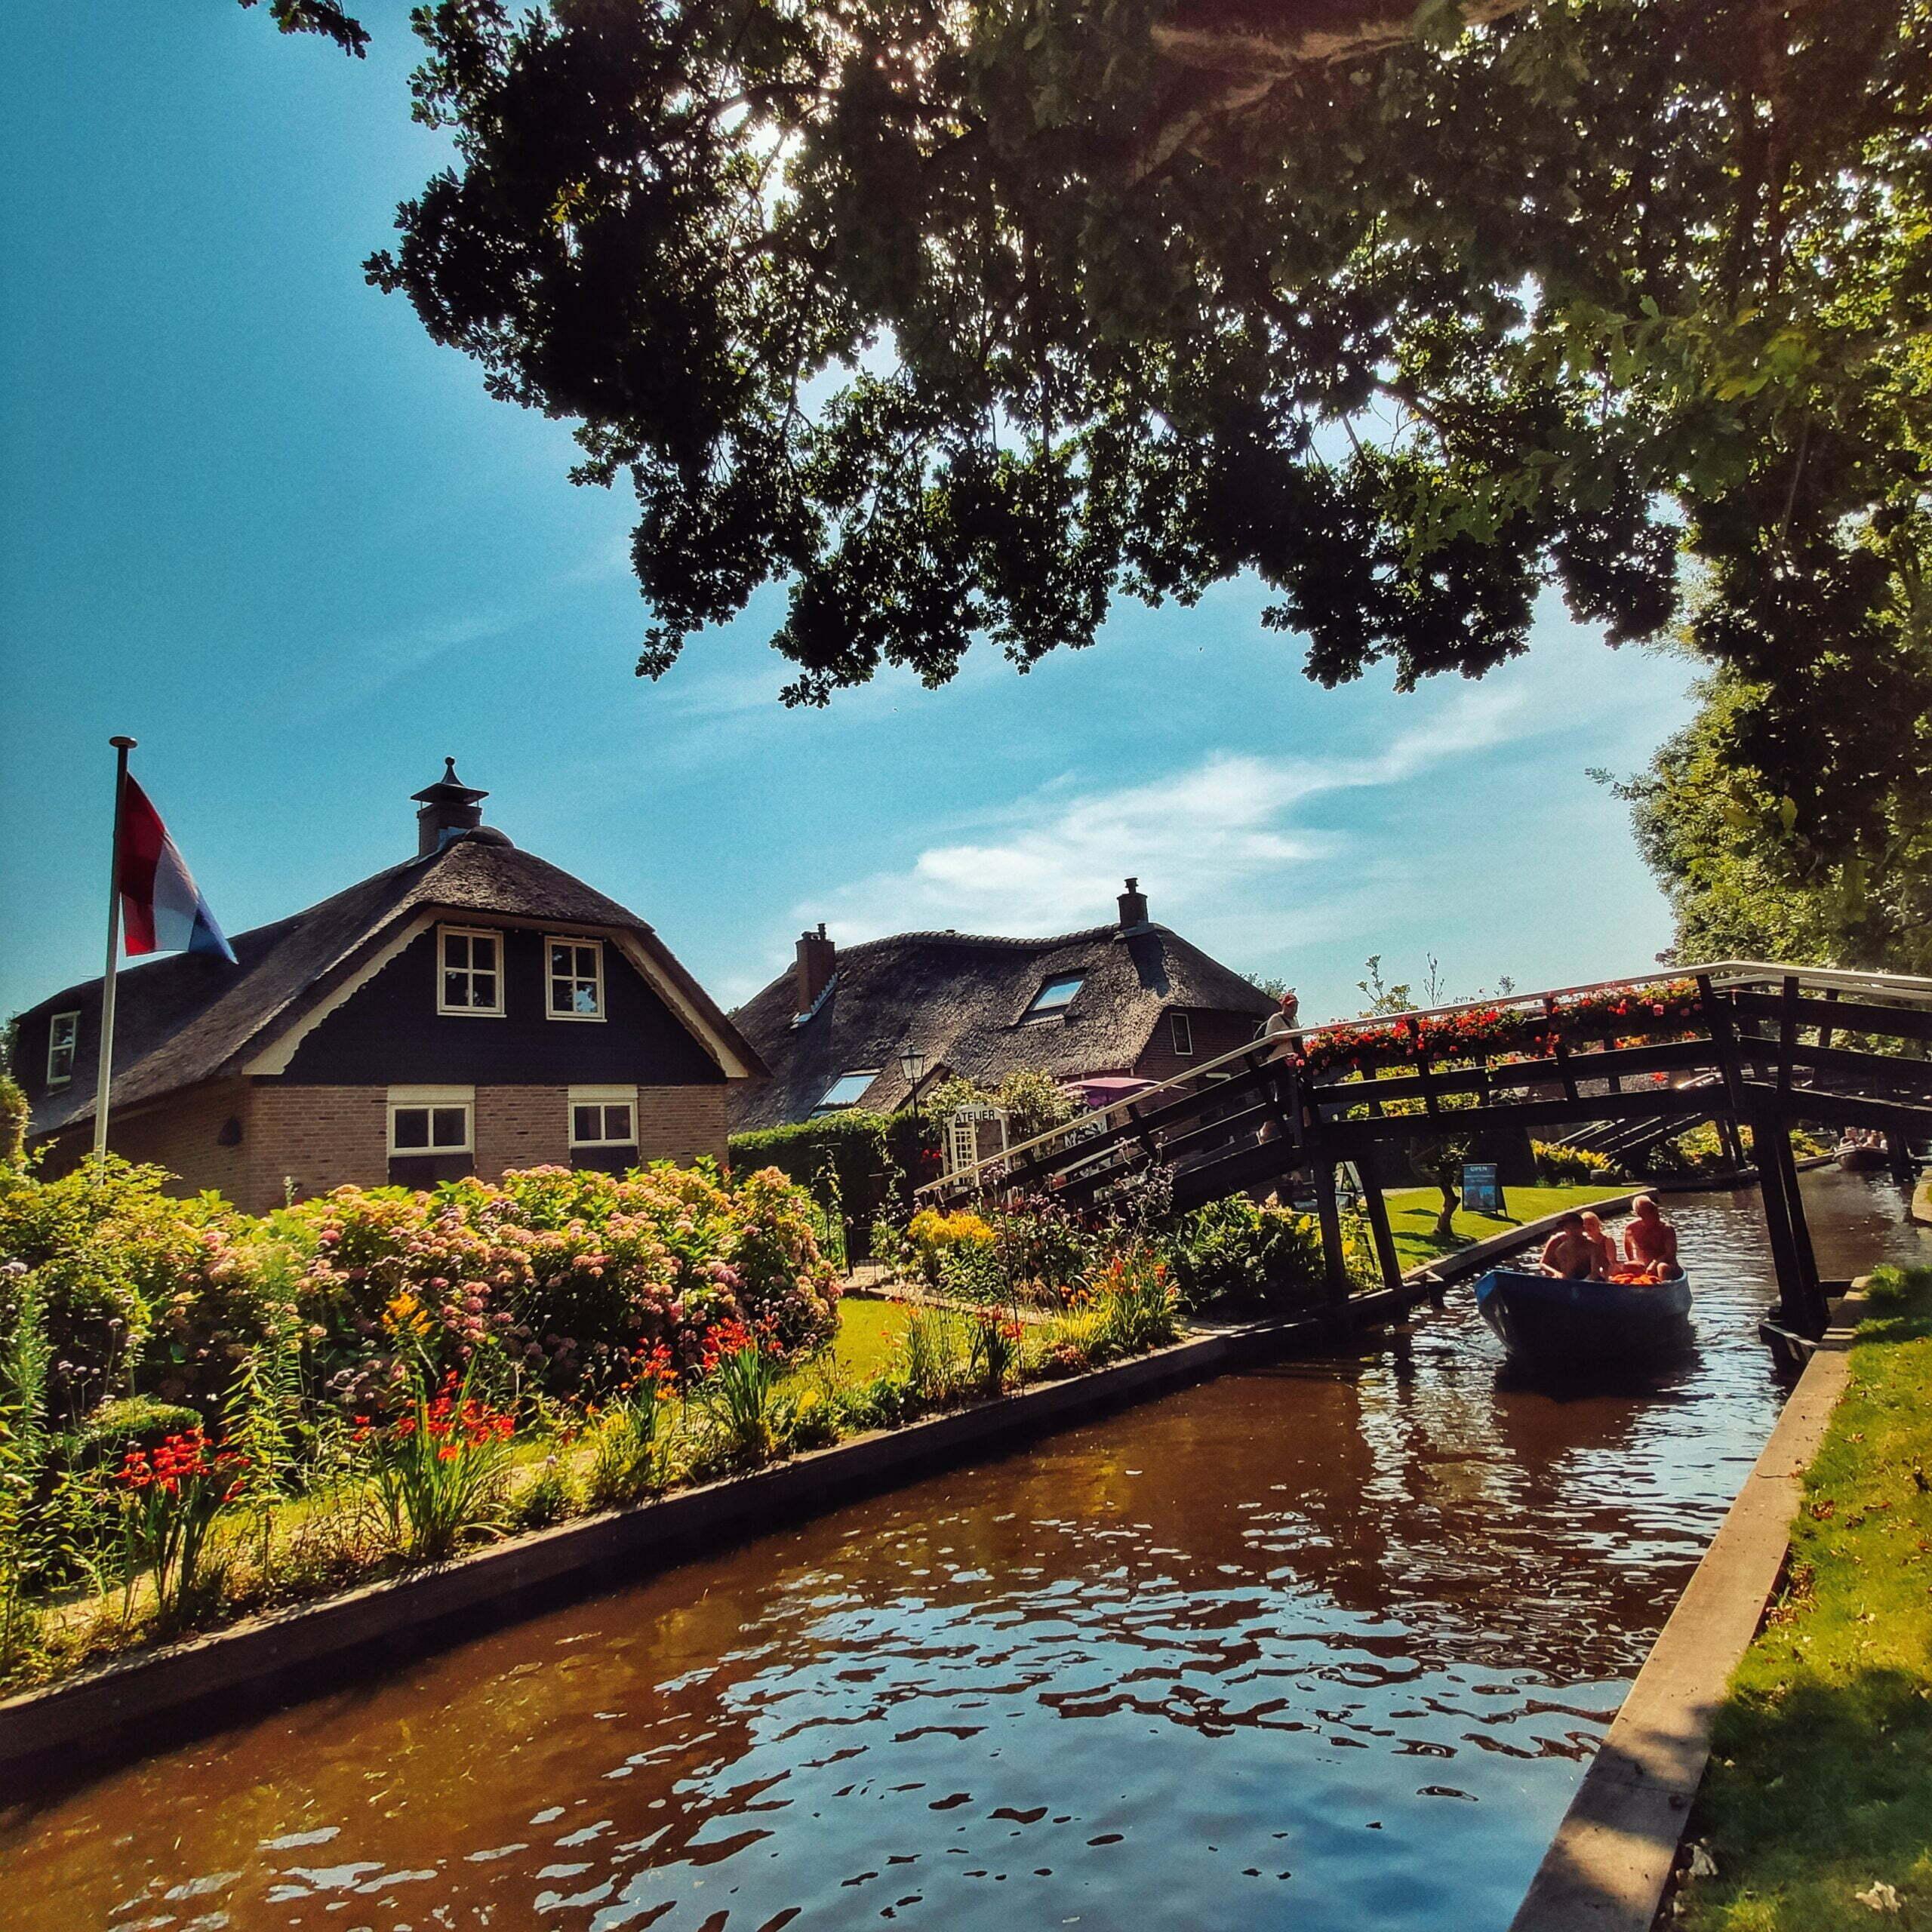 Lire la suite de l'article Giethoorn, la Venise hollandaise et l'un des plus beaux villages des Pays-Bas